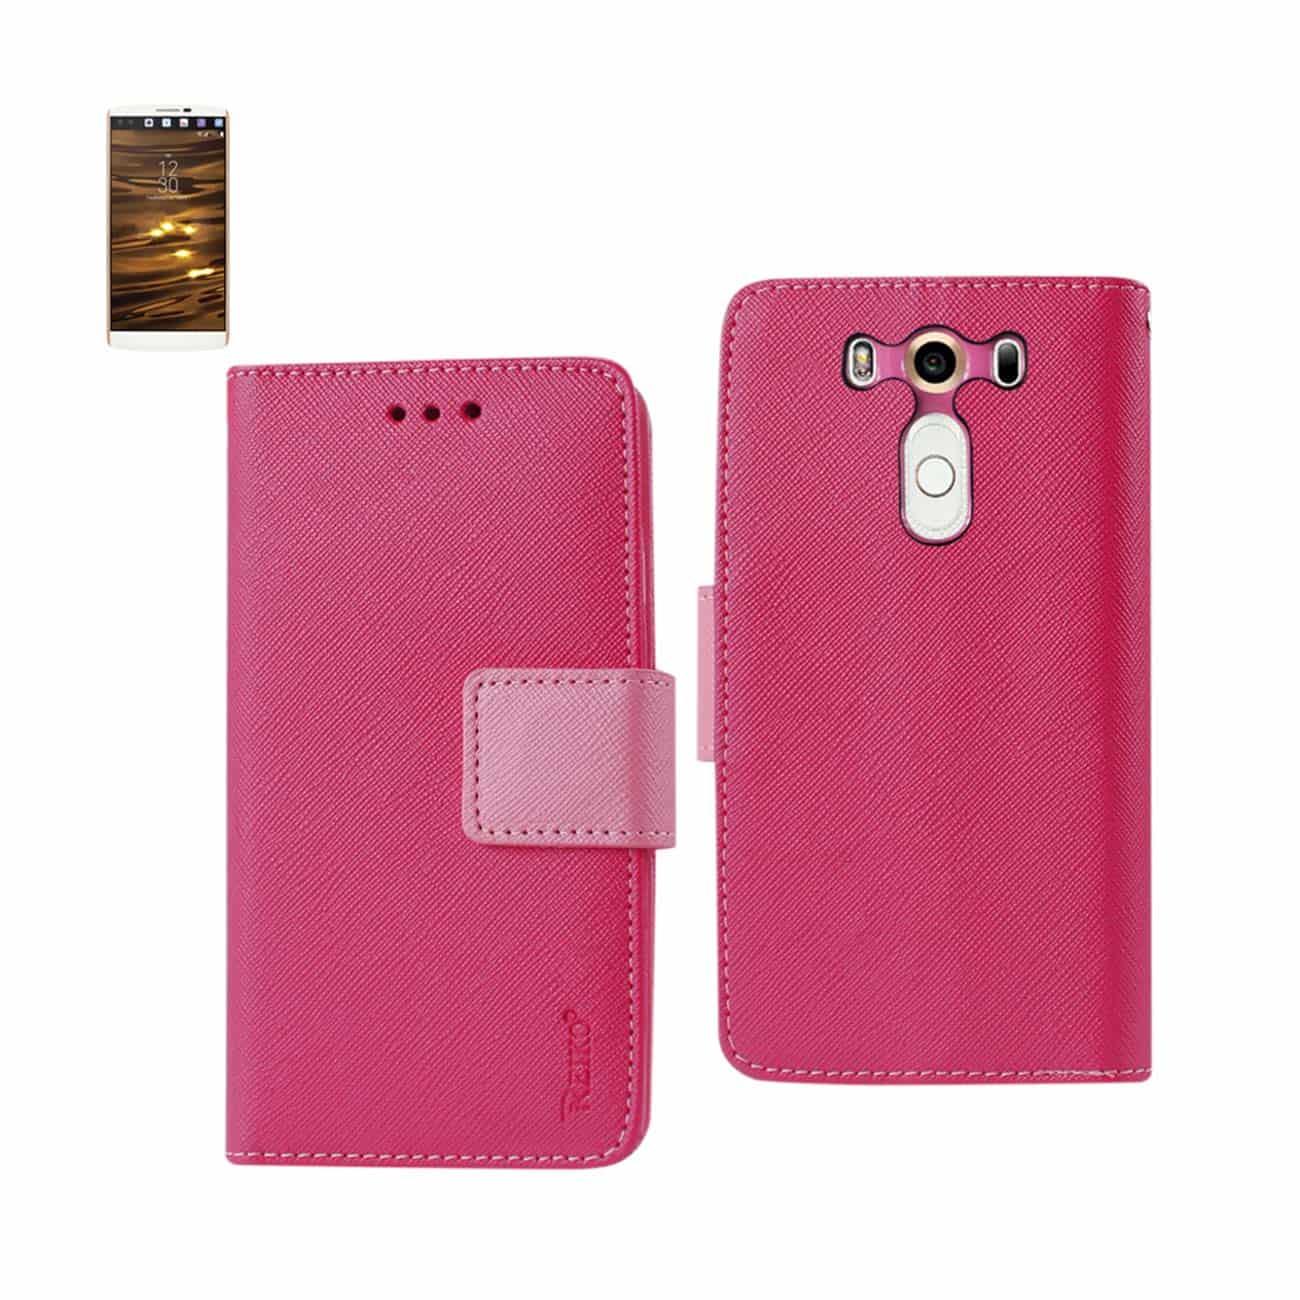 LG V10 3-IN-1 WALLET CASE IN HOT PINK